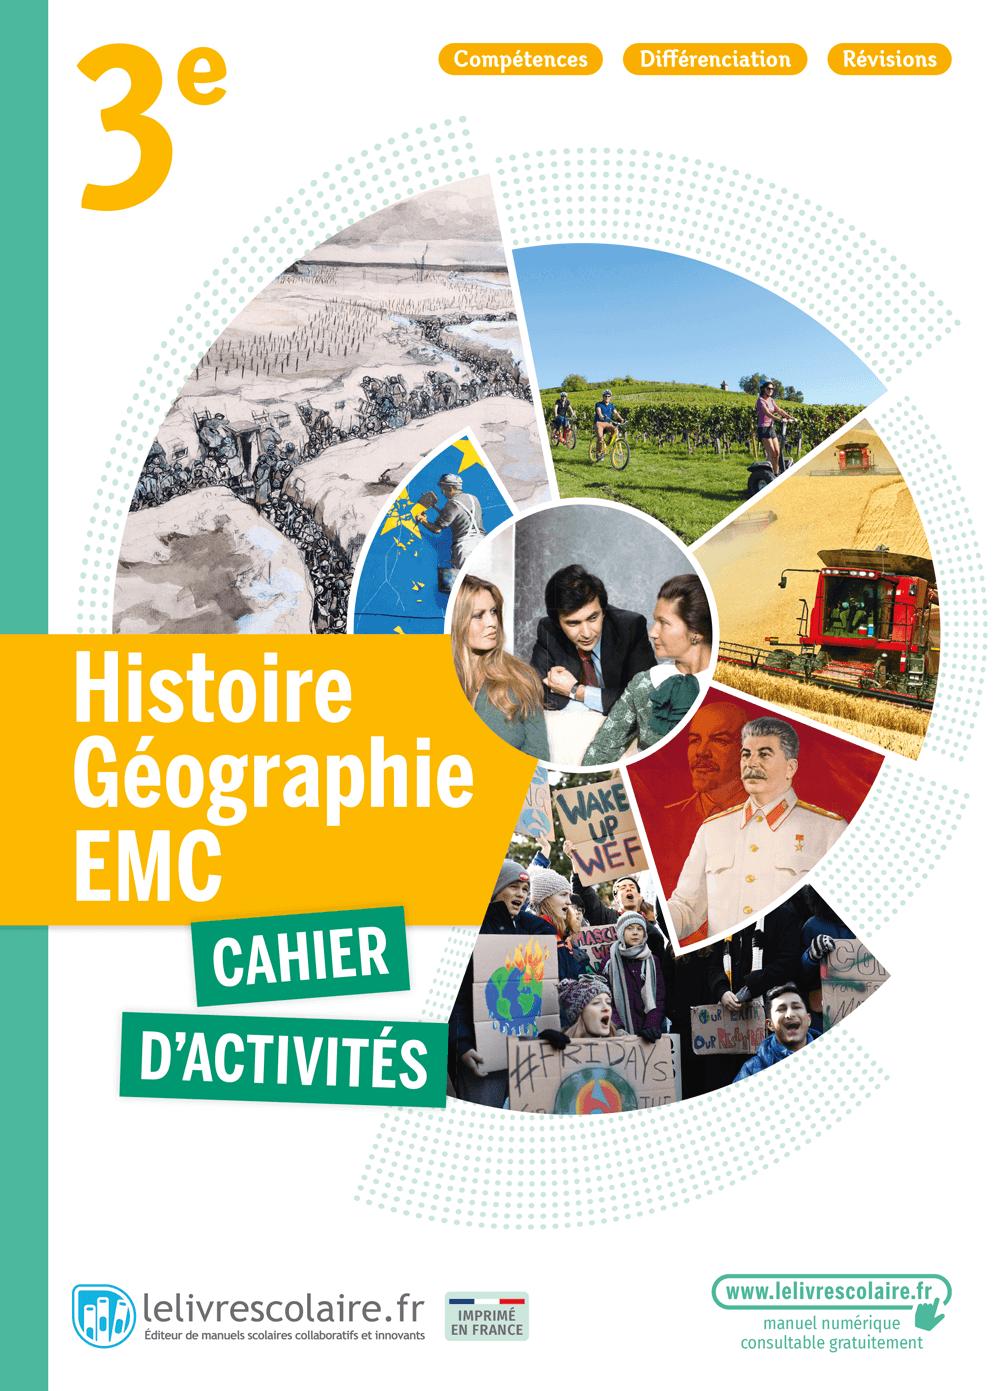 Couverture du manuel scolaire : Histoire-Géographie-EMC 3e - Cahier d'activités